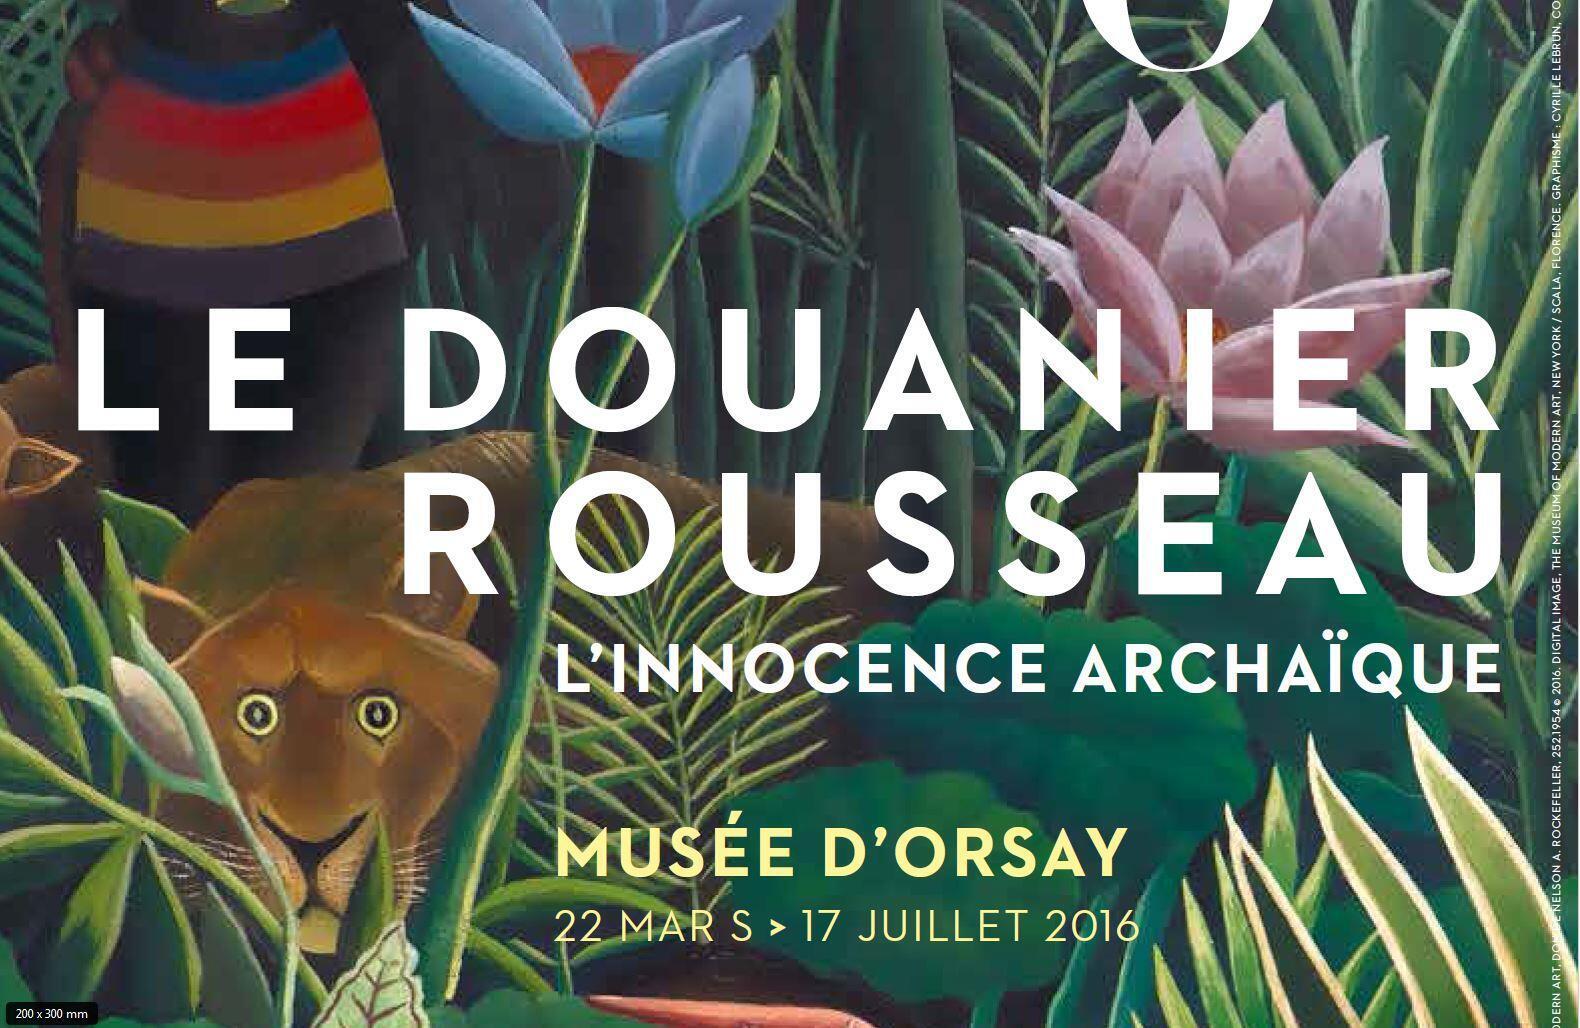 Выставка работ Анри Руссо в музее Орсе продлится до 17 июля.